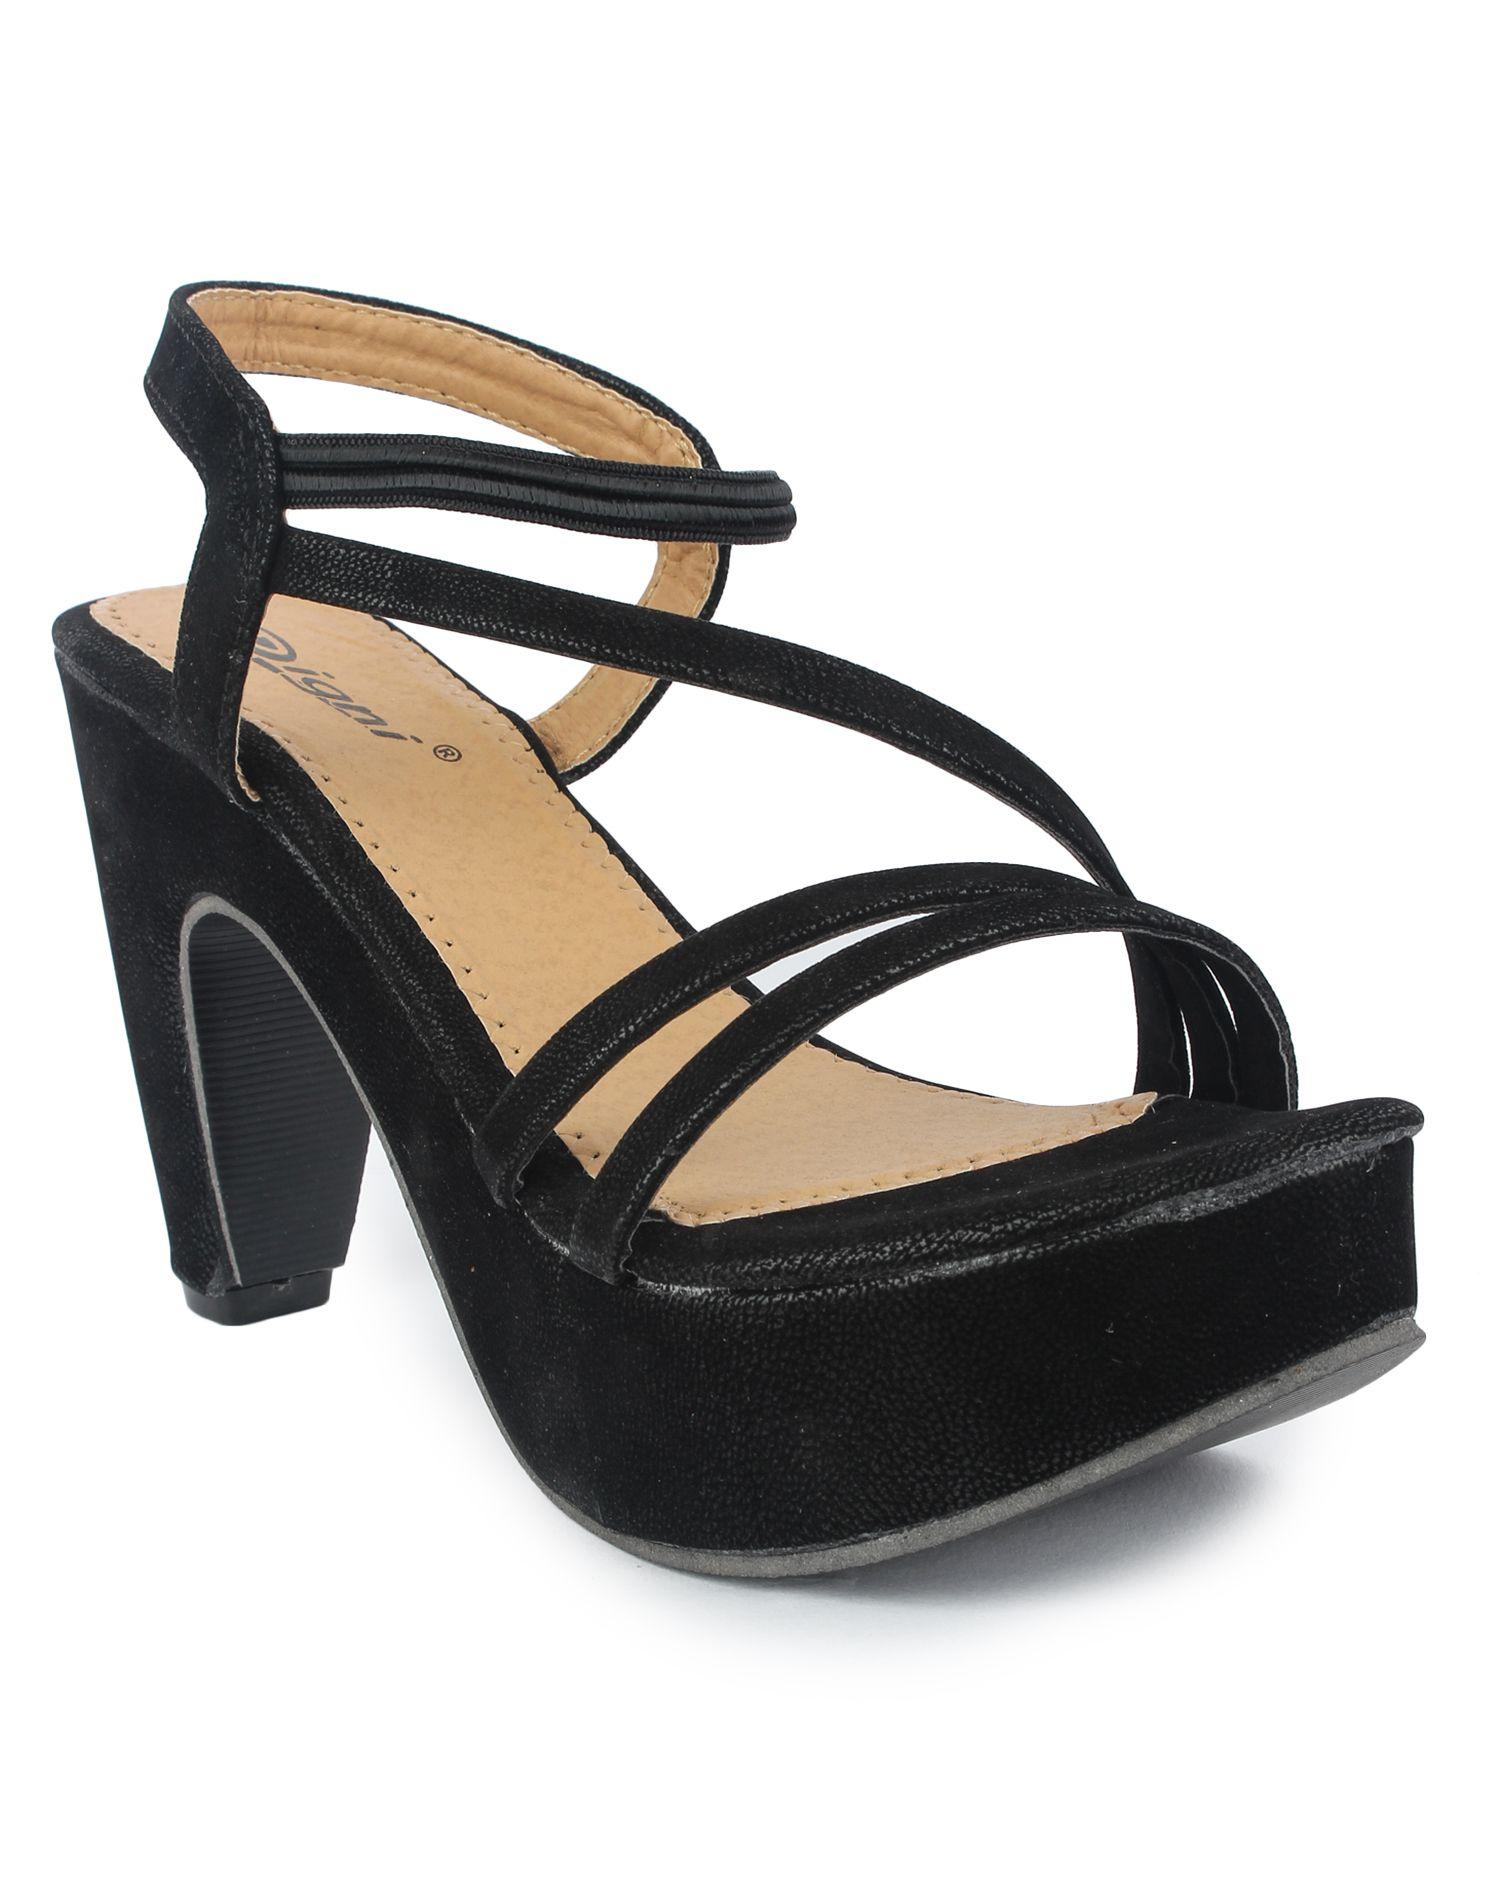 DIGNI Black Block Heels